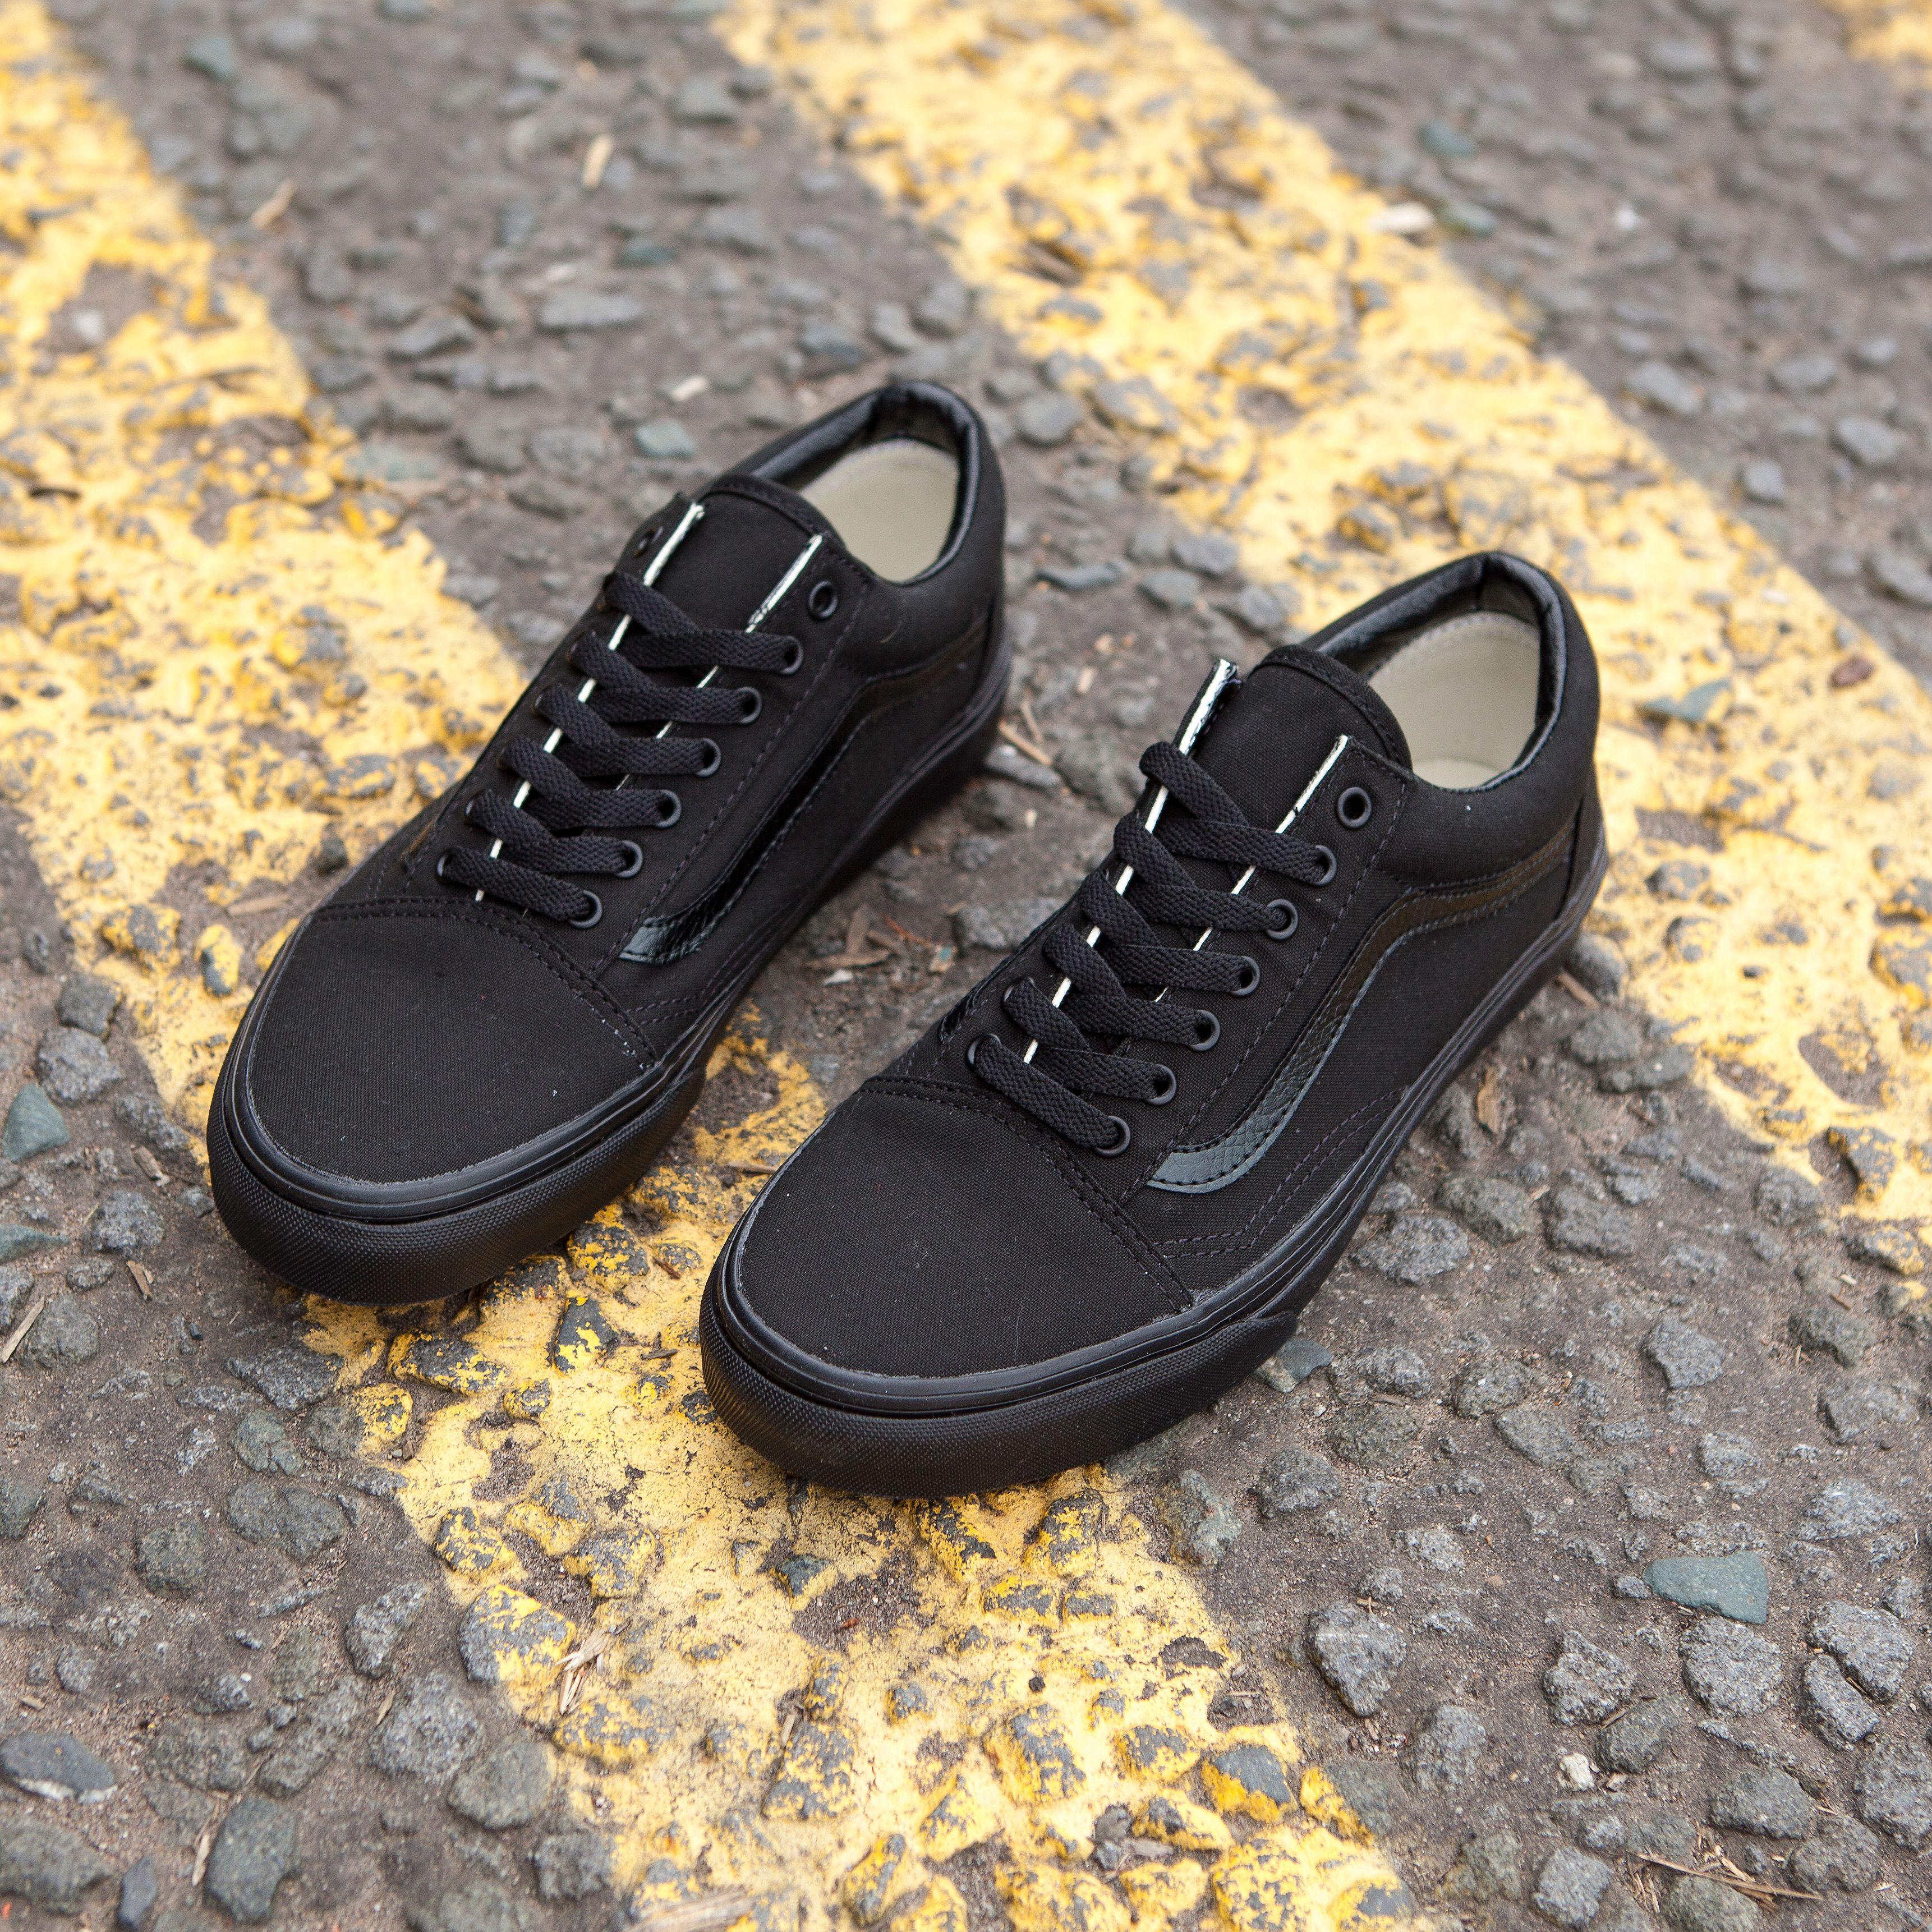 Keep it simple, keep it smart. The Vans Old Skool in all black are ...